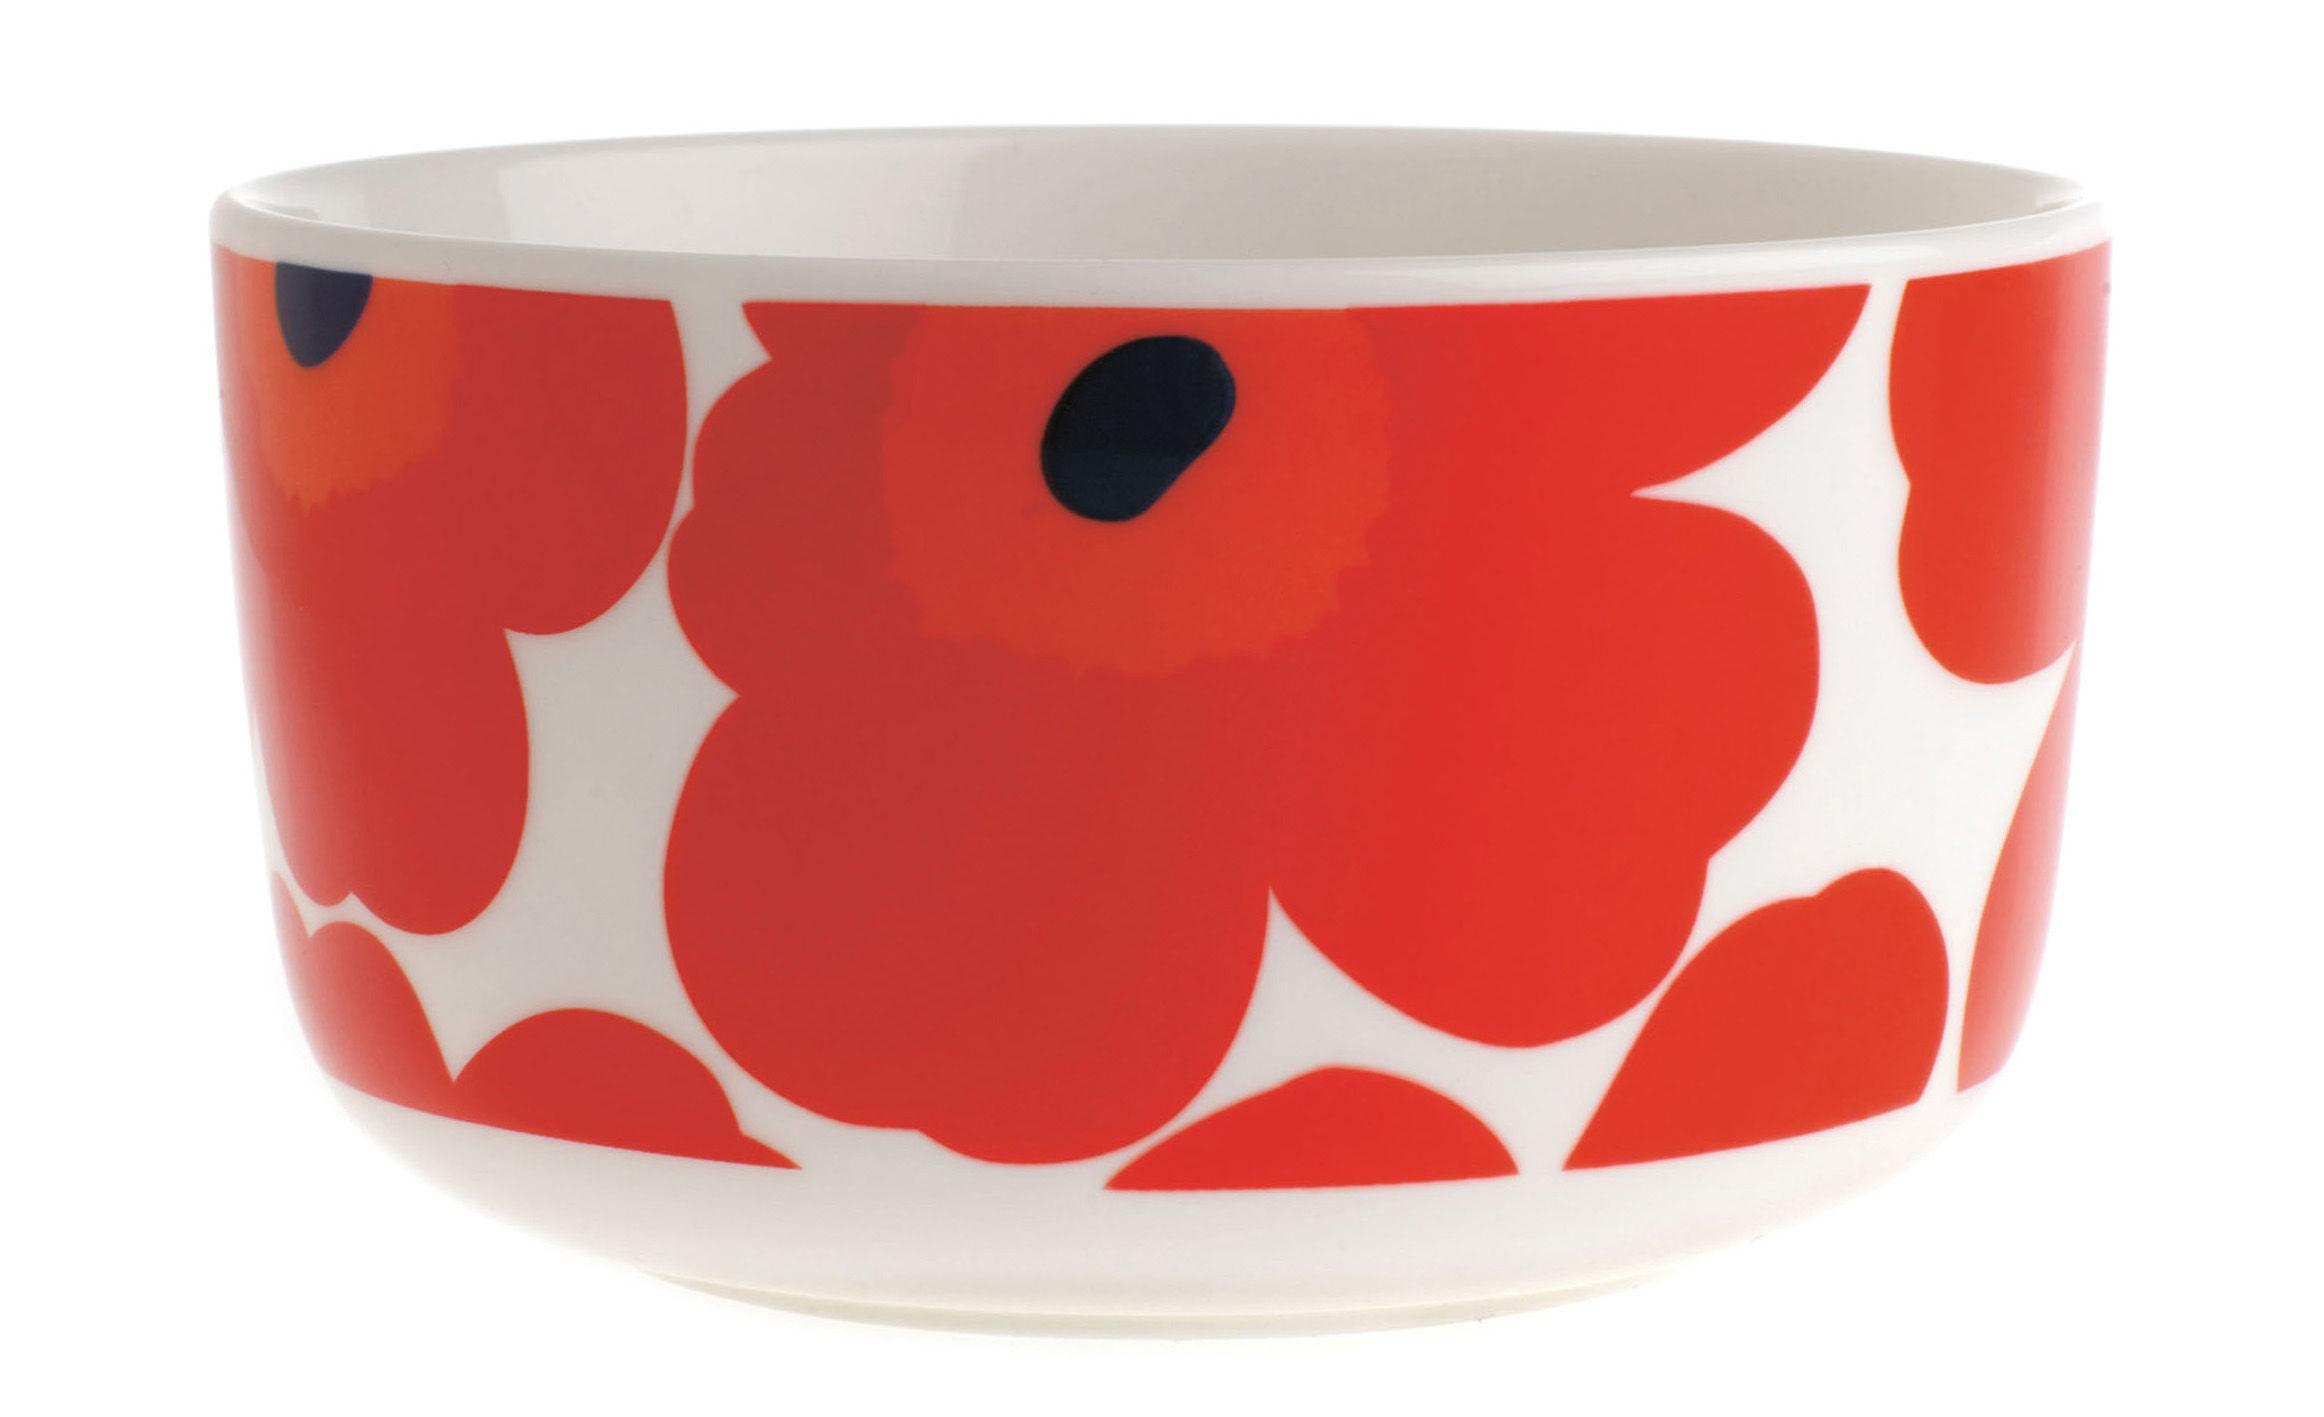 Arts de la table - Saladiers, coupes et bols - Bol Unikko /Ø 12,5 x H 6,5 cm - 50 cl - Marimekko - Unikko / Rouge - Porcelaine émaillée